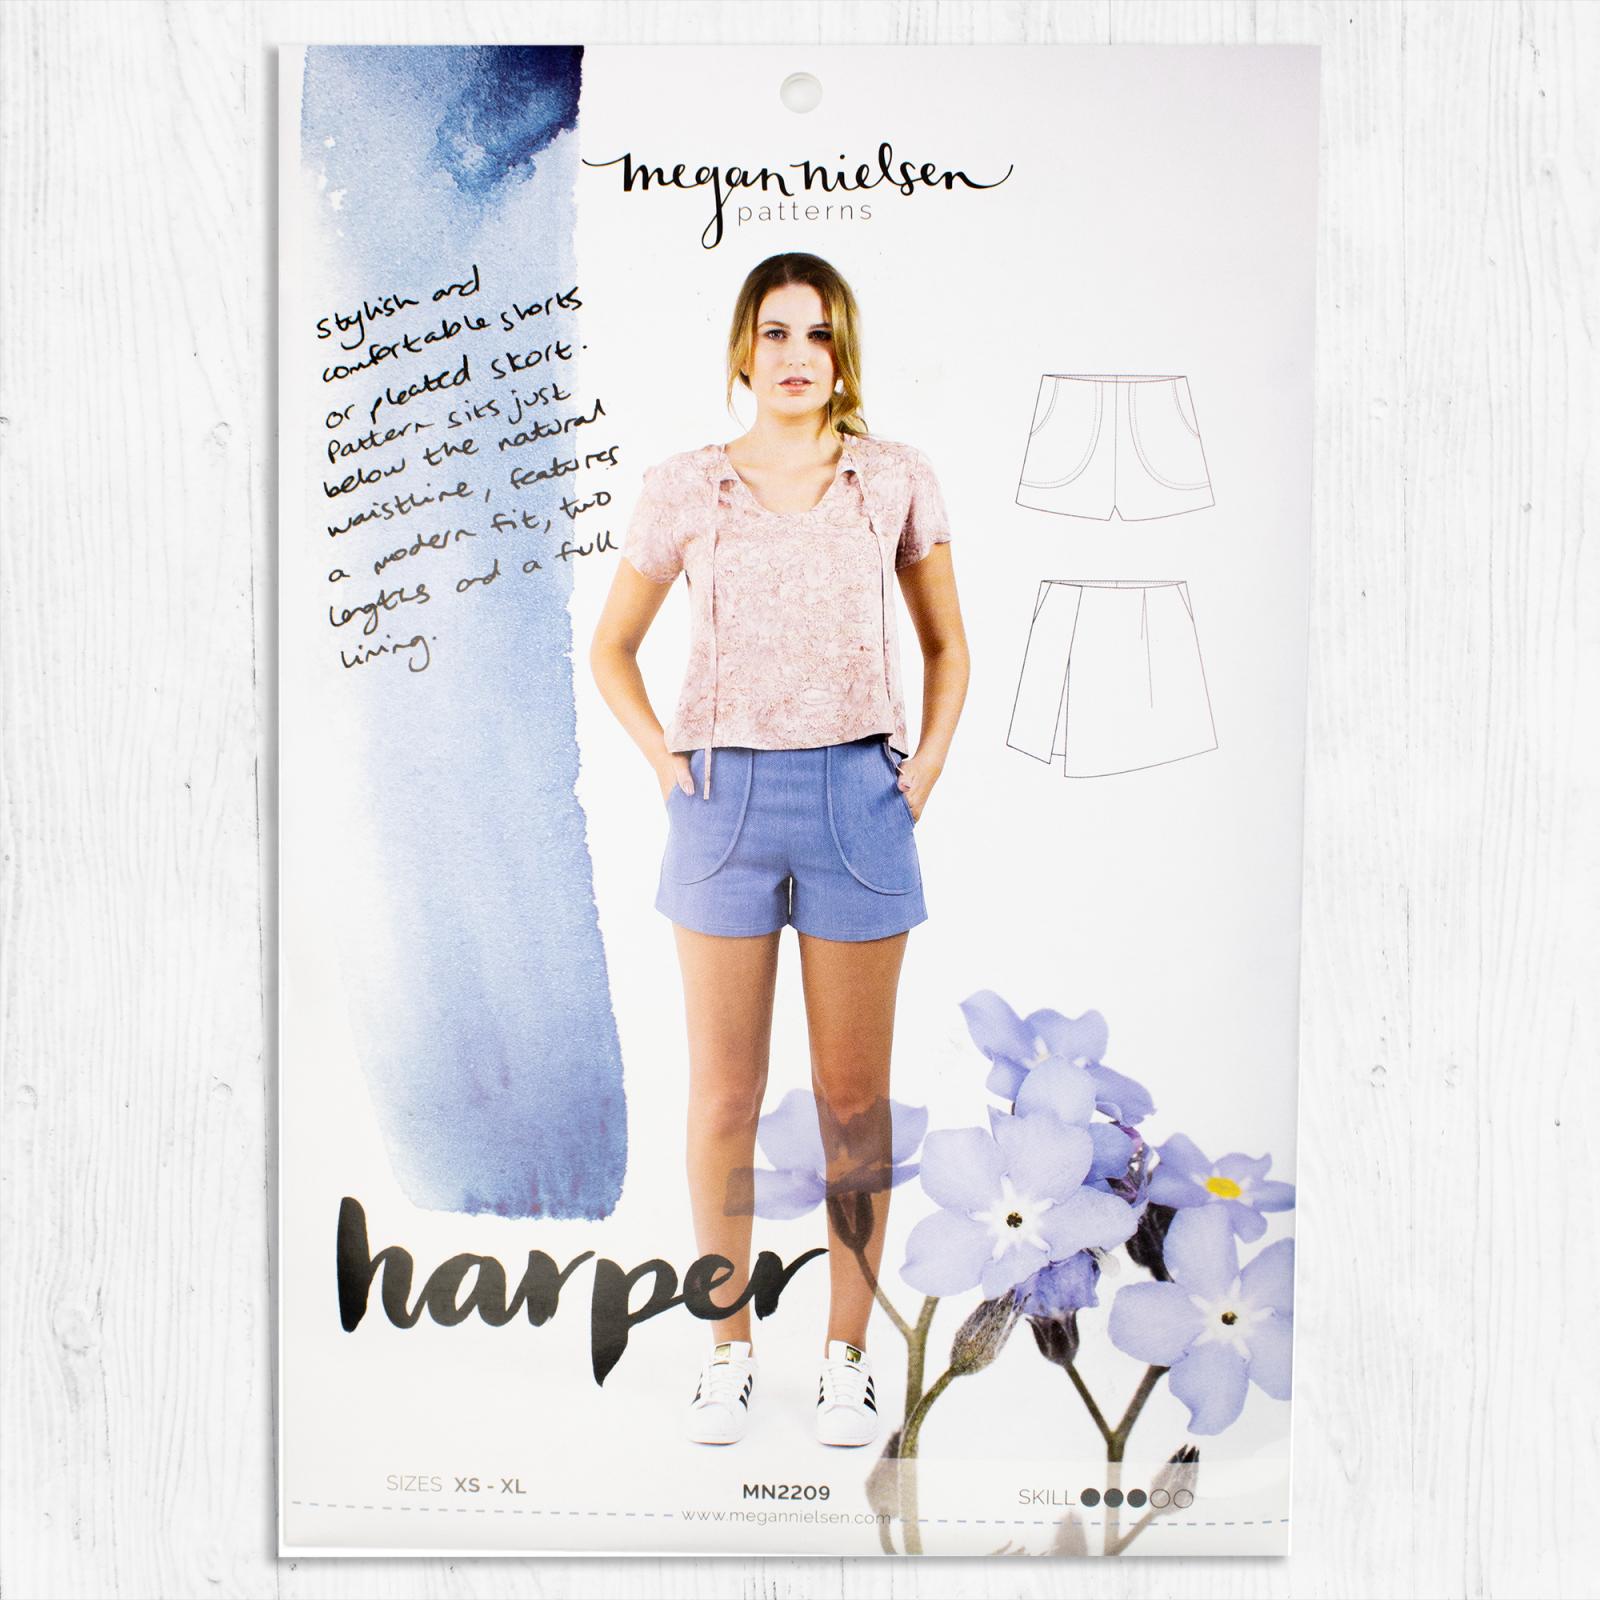 Megan Nielsen Patterns - Harper Shorts